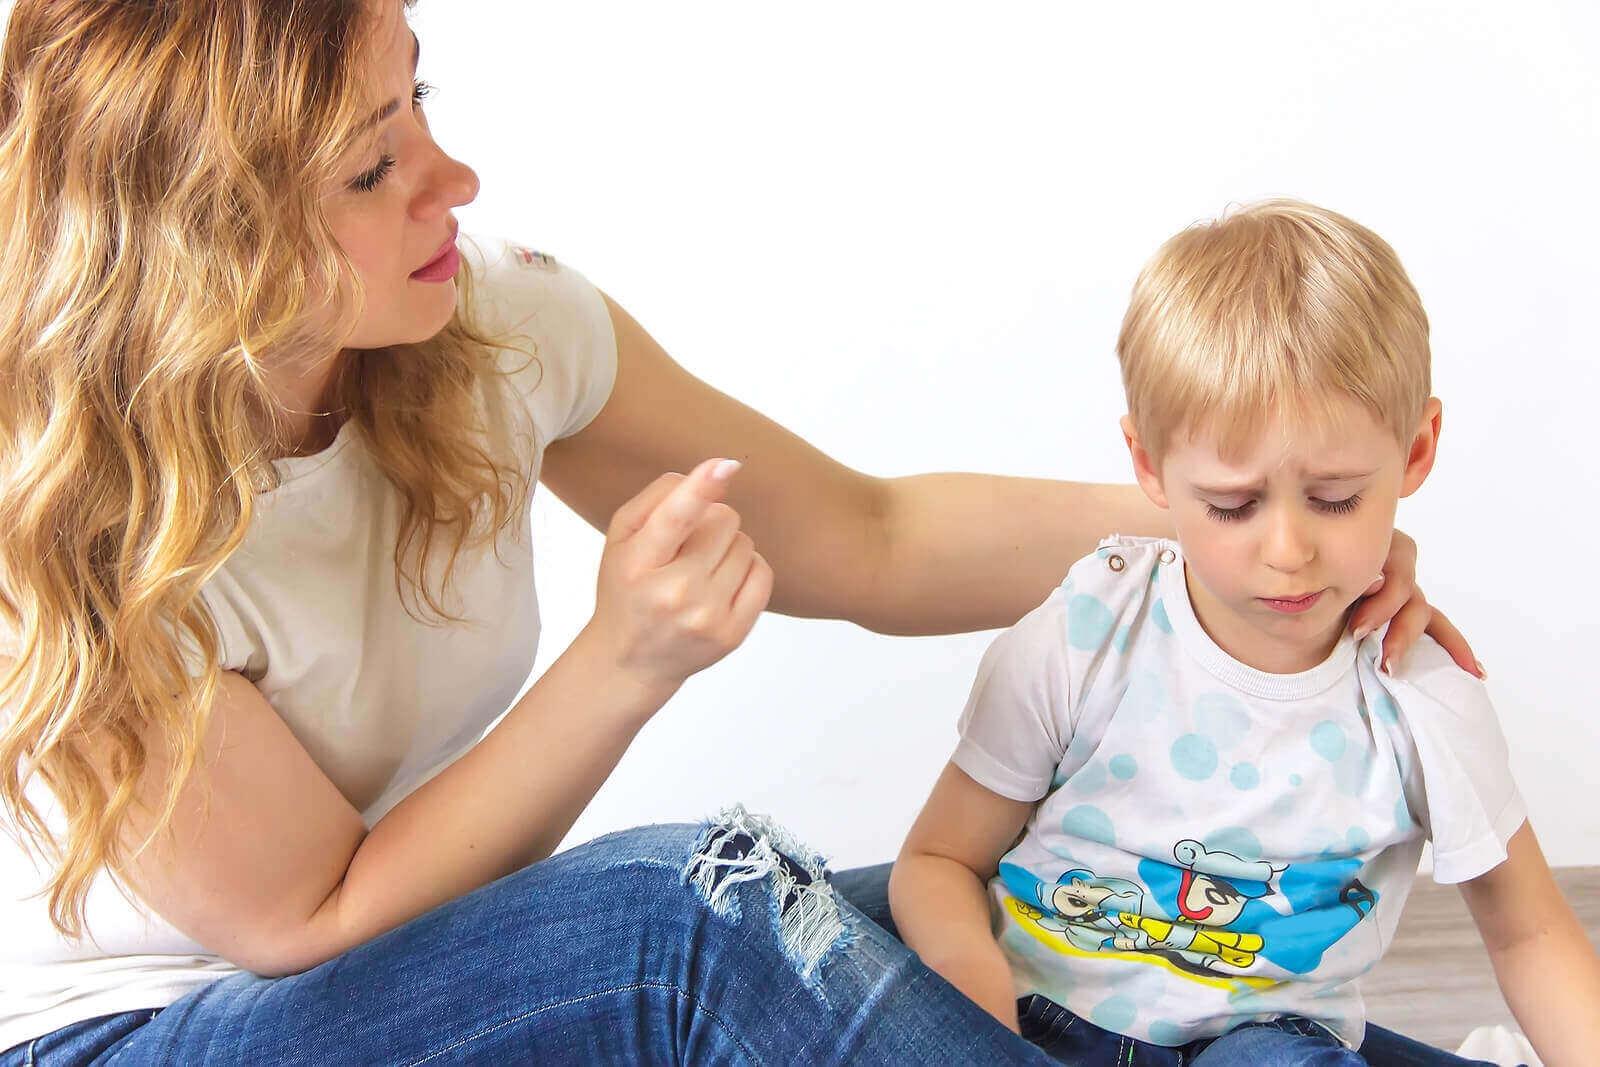 Vanhemmat joutuvat usein toistamaan sanomansa useaan kertaan puhuessaan lapselle